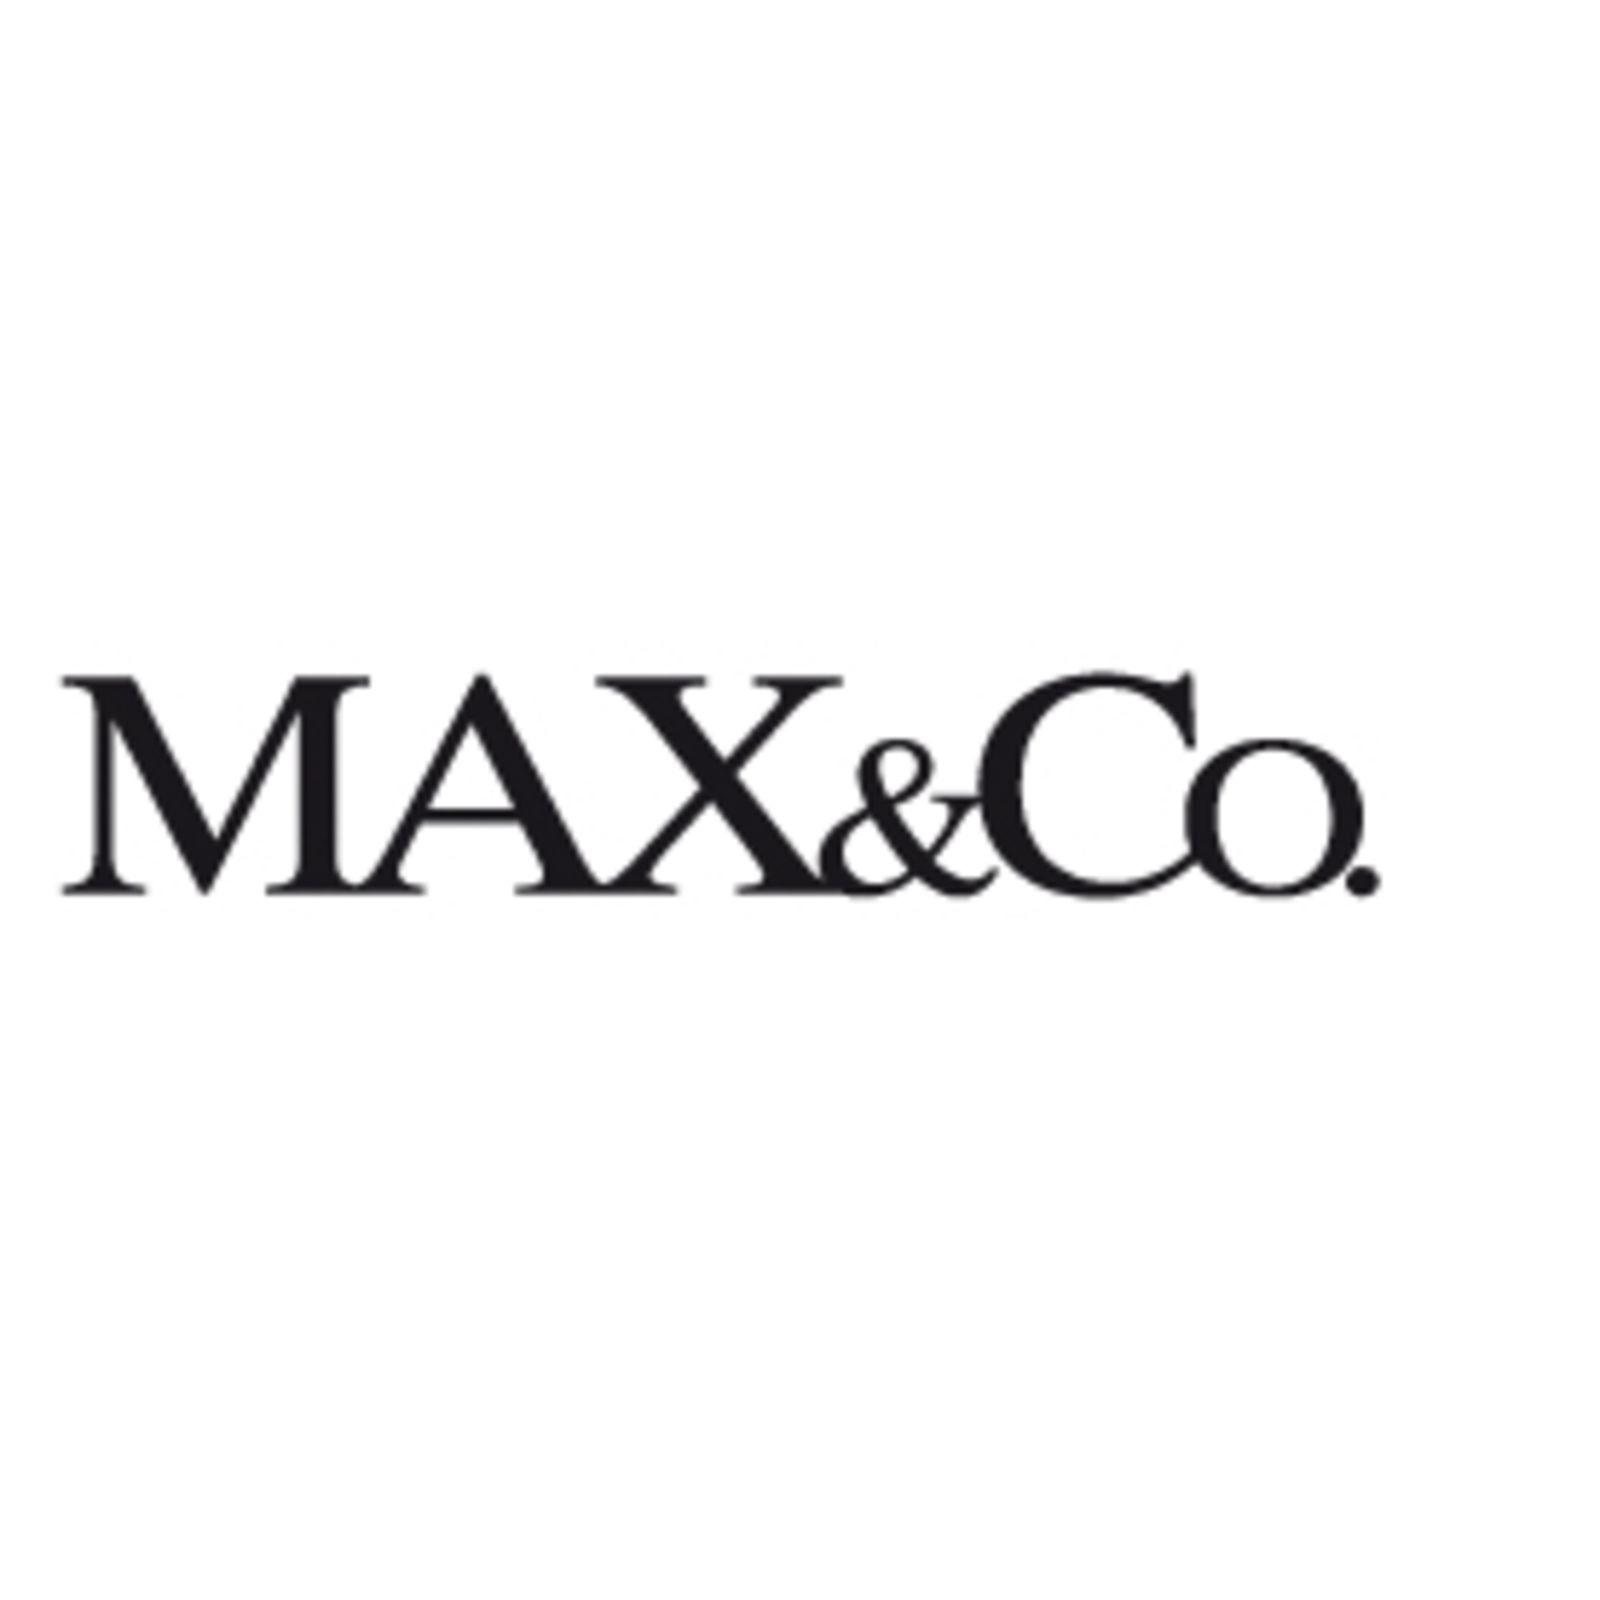 MAX & Co. (Image 1)